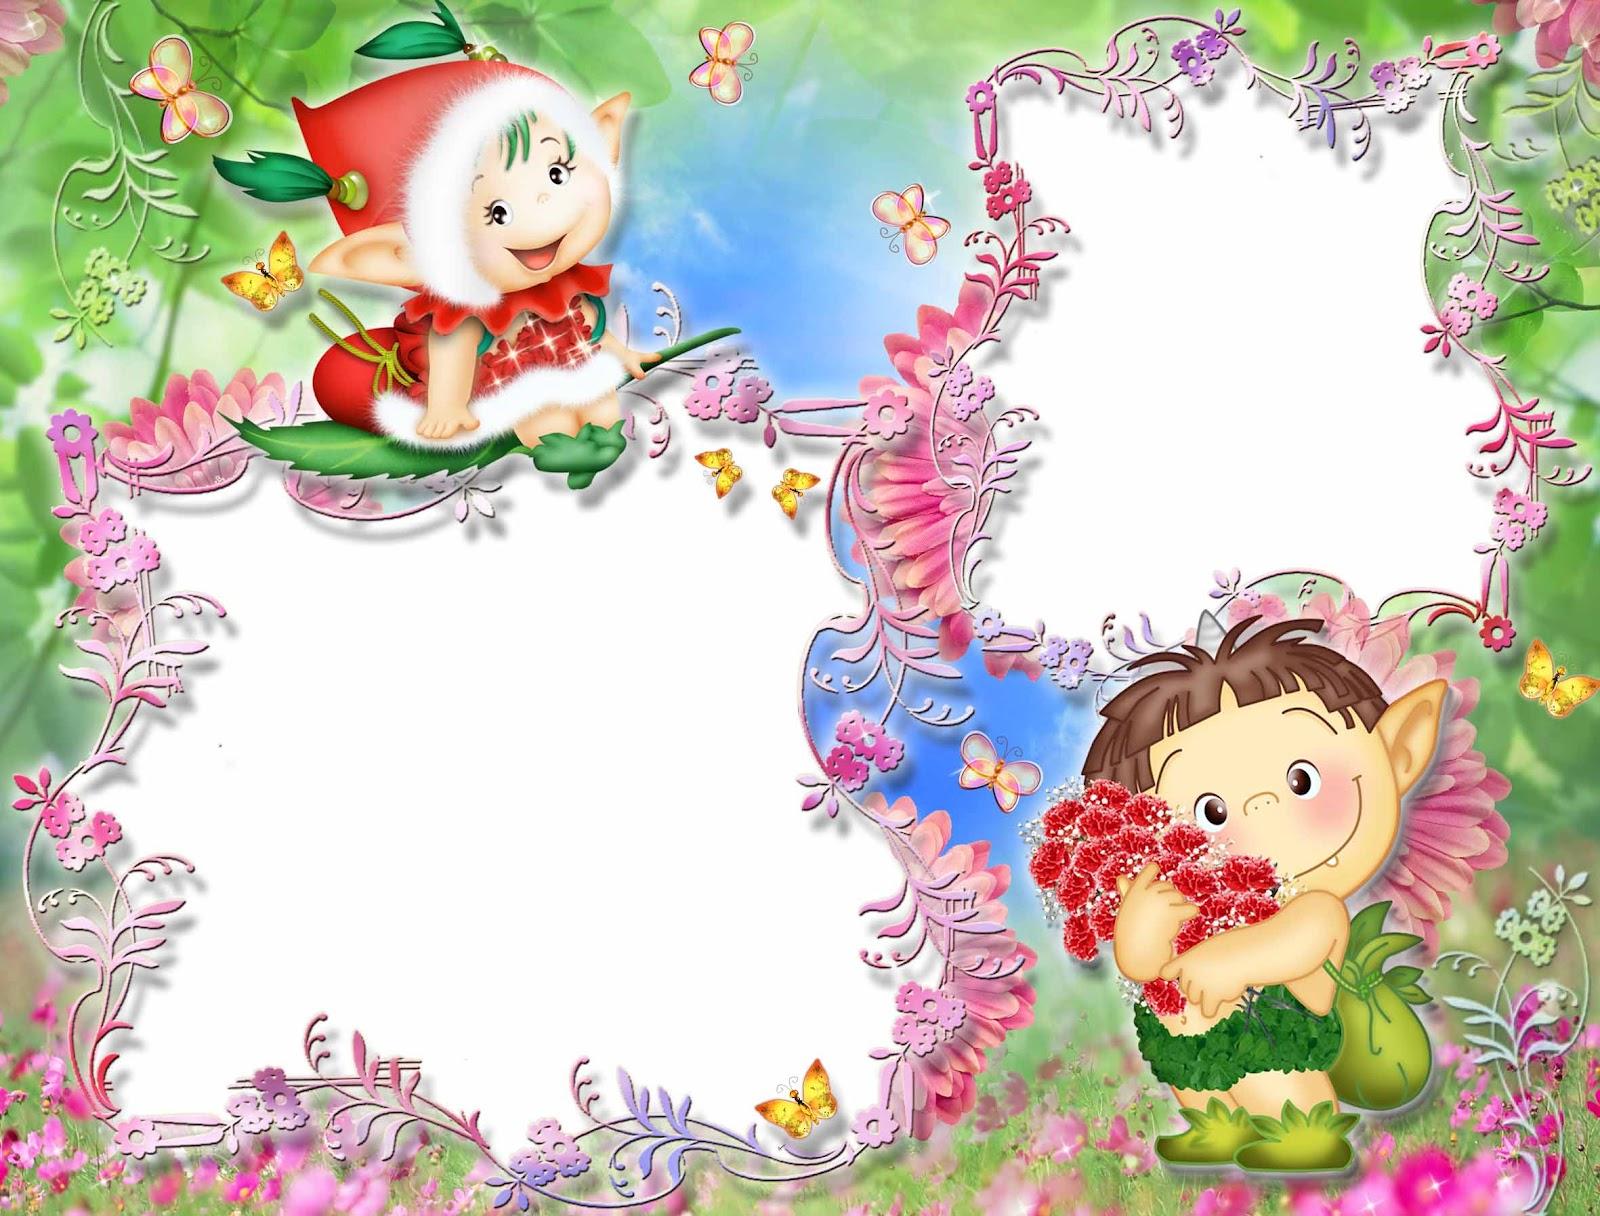 Photo Frames Design For Kids | www.pixshark.com - Images ...